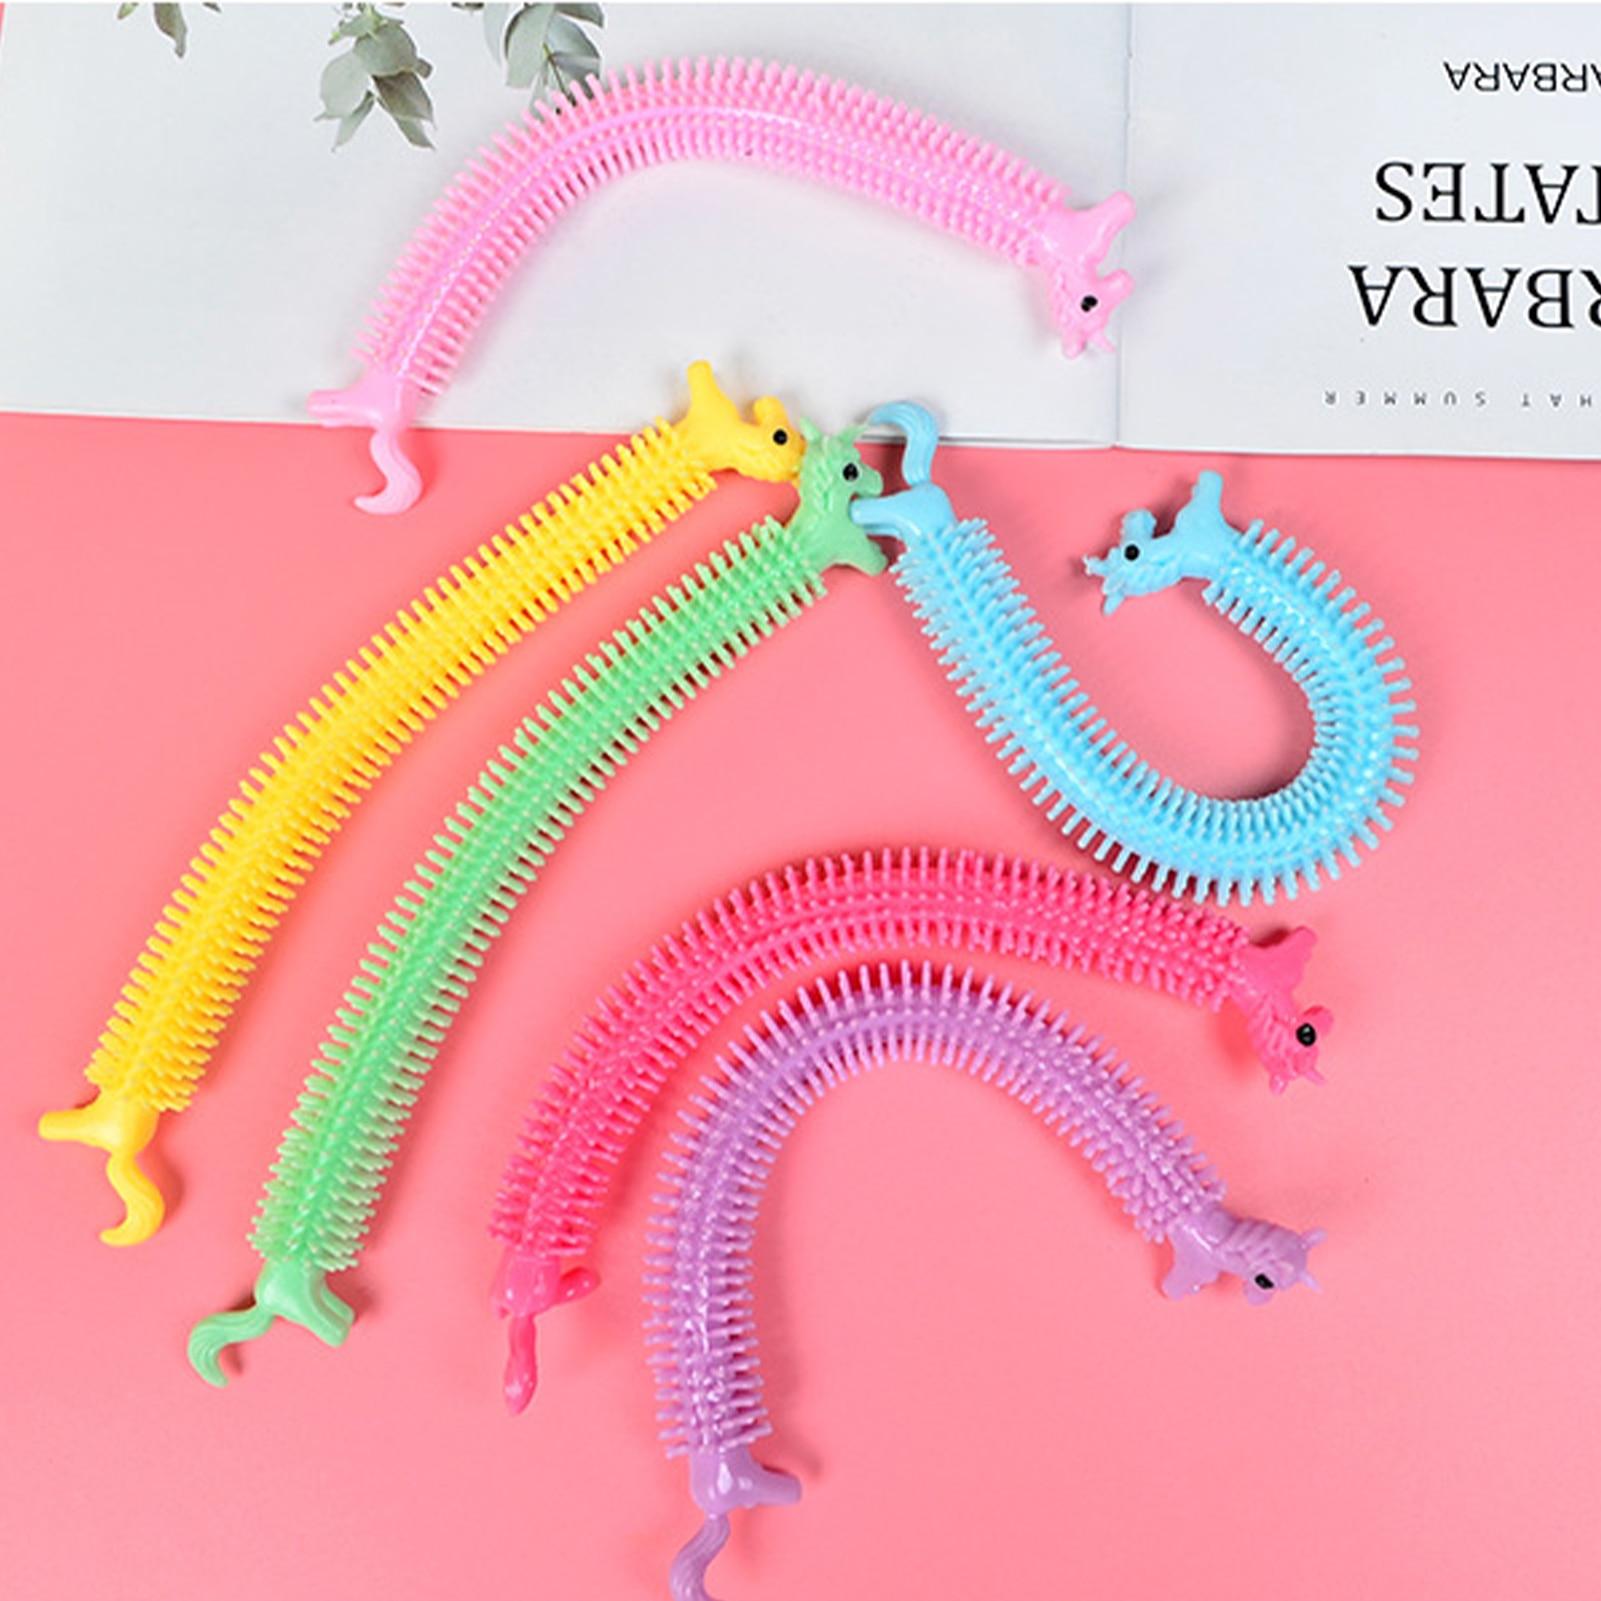 monkey noodle unicorn elastic rope stretchy fidget toy 8179 - Wacky Track